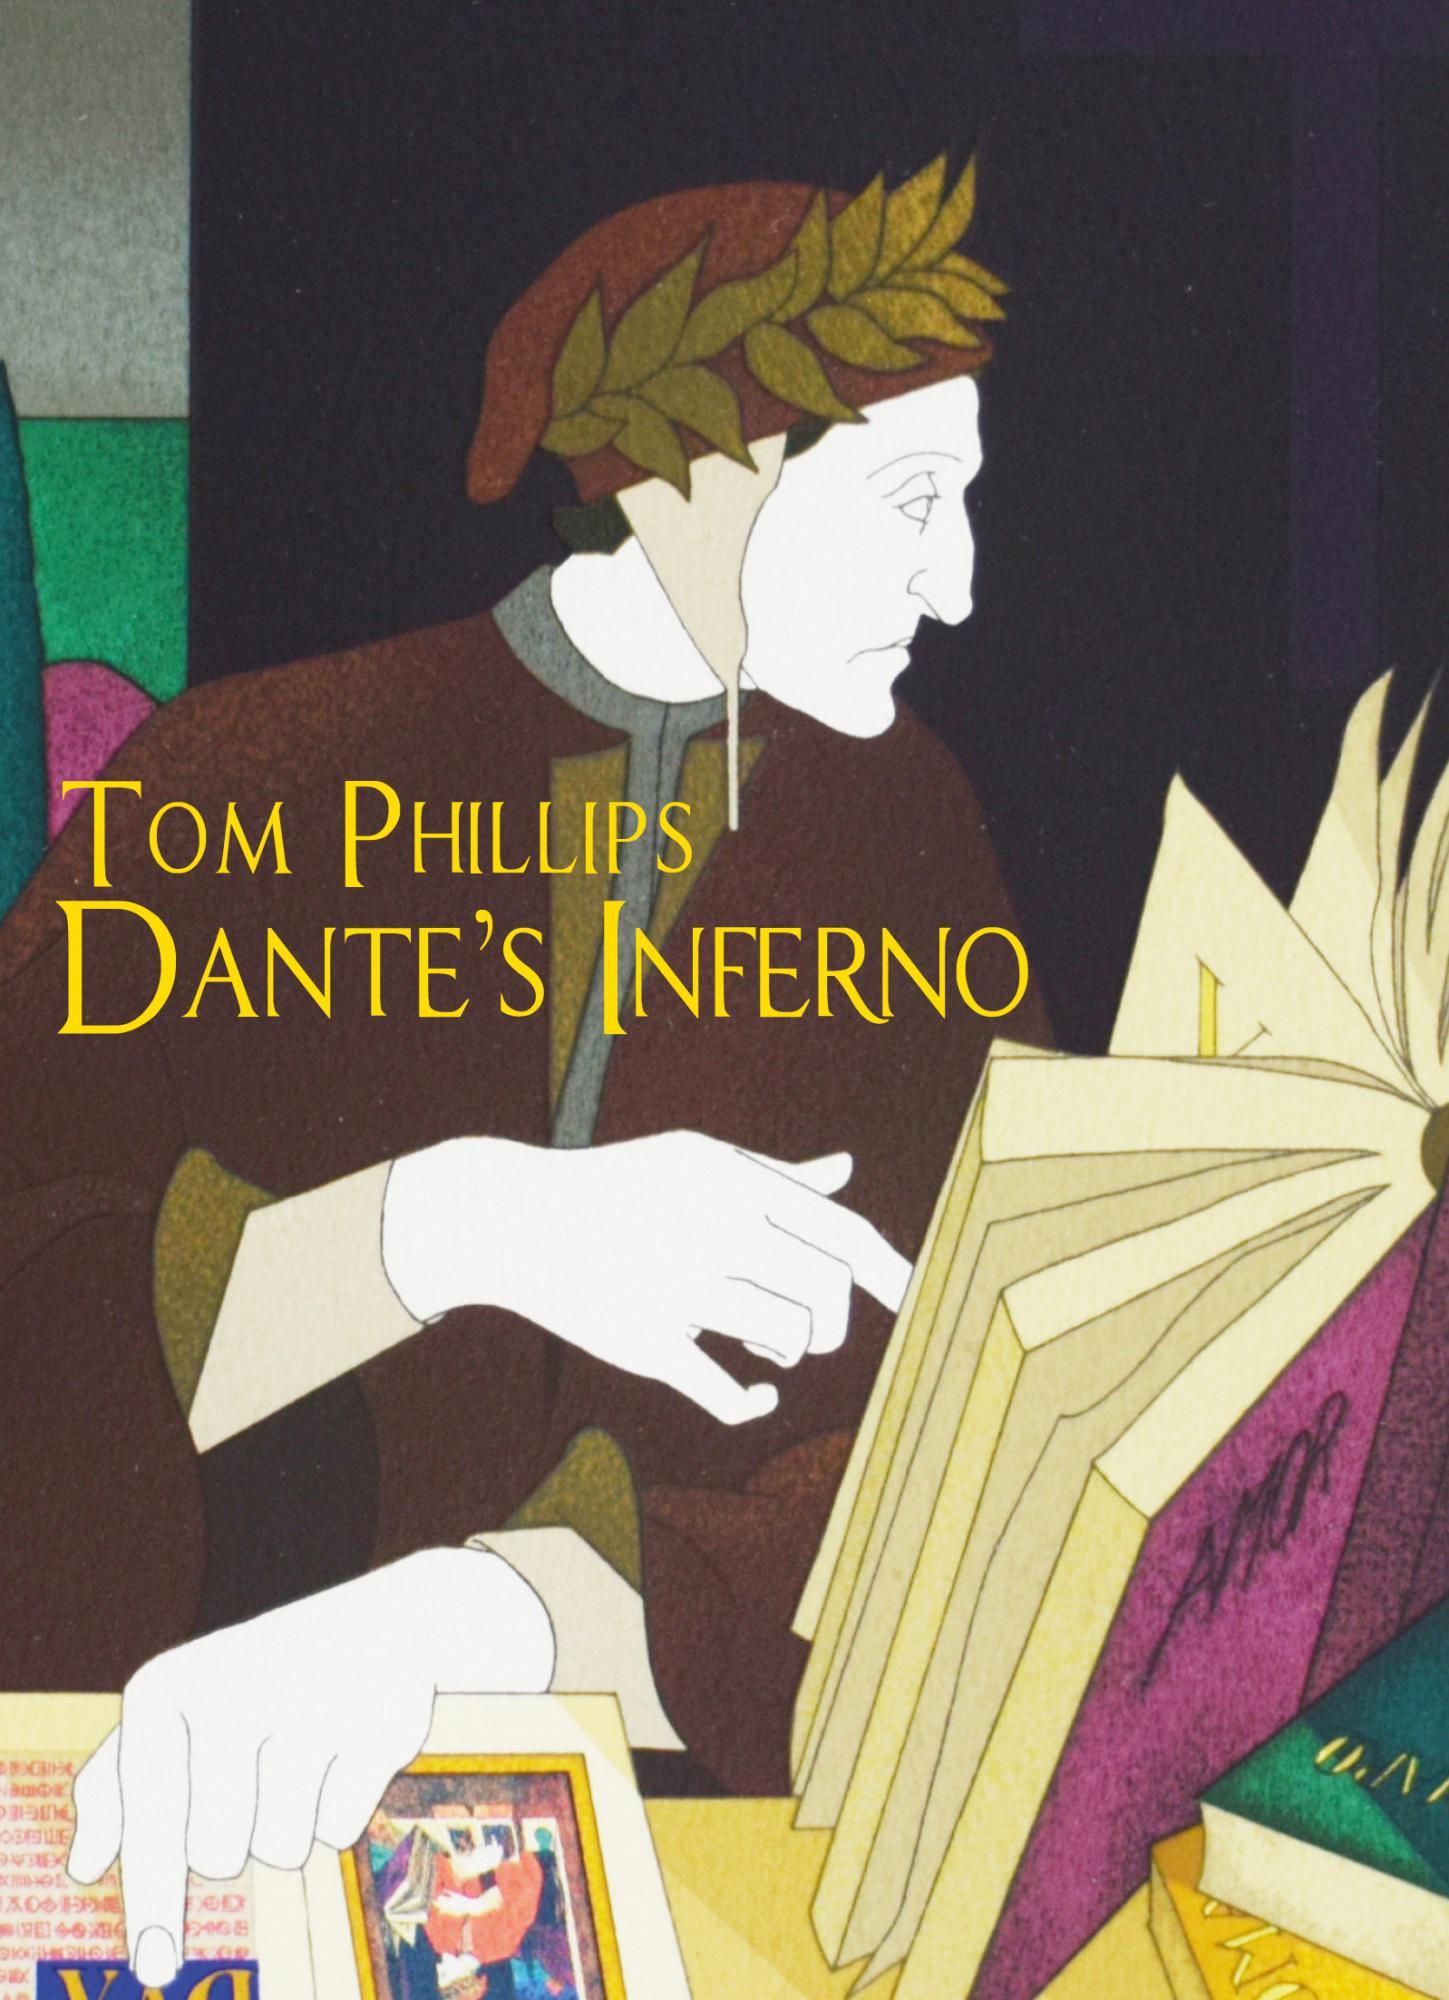 Dante's Inferno - <em>novità in arrivo</em>